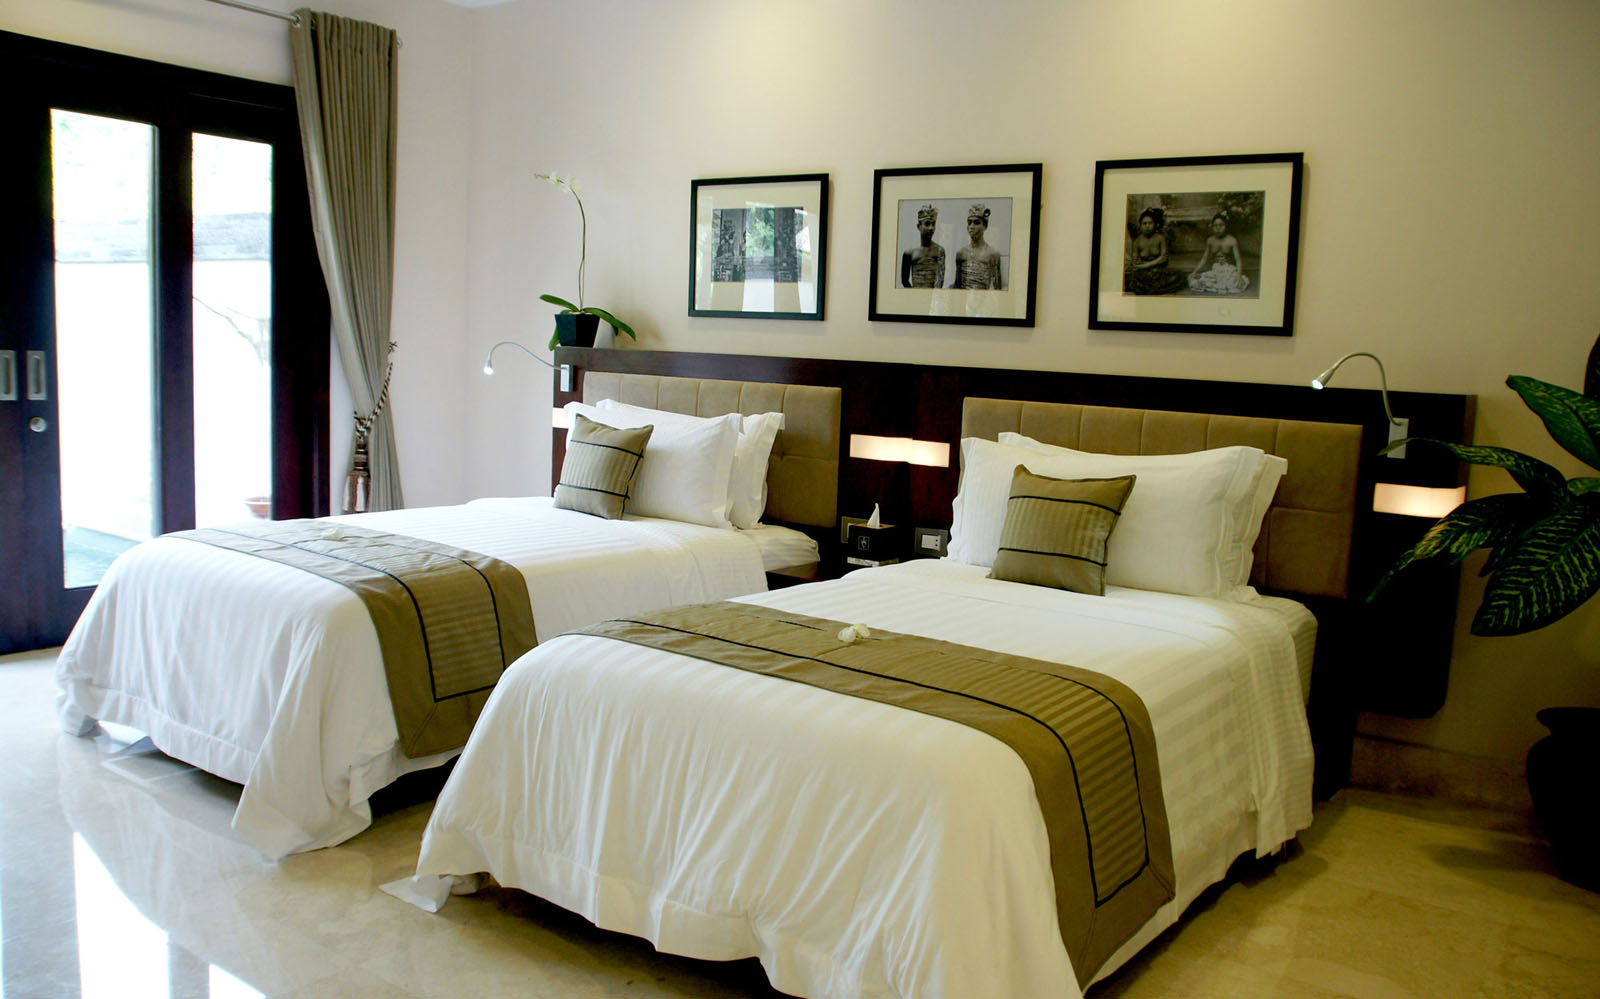 Romantic Viceroy Bali Resort In Ubud Idesignarch Interior Design Architecture Interior Decorating Emagazine